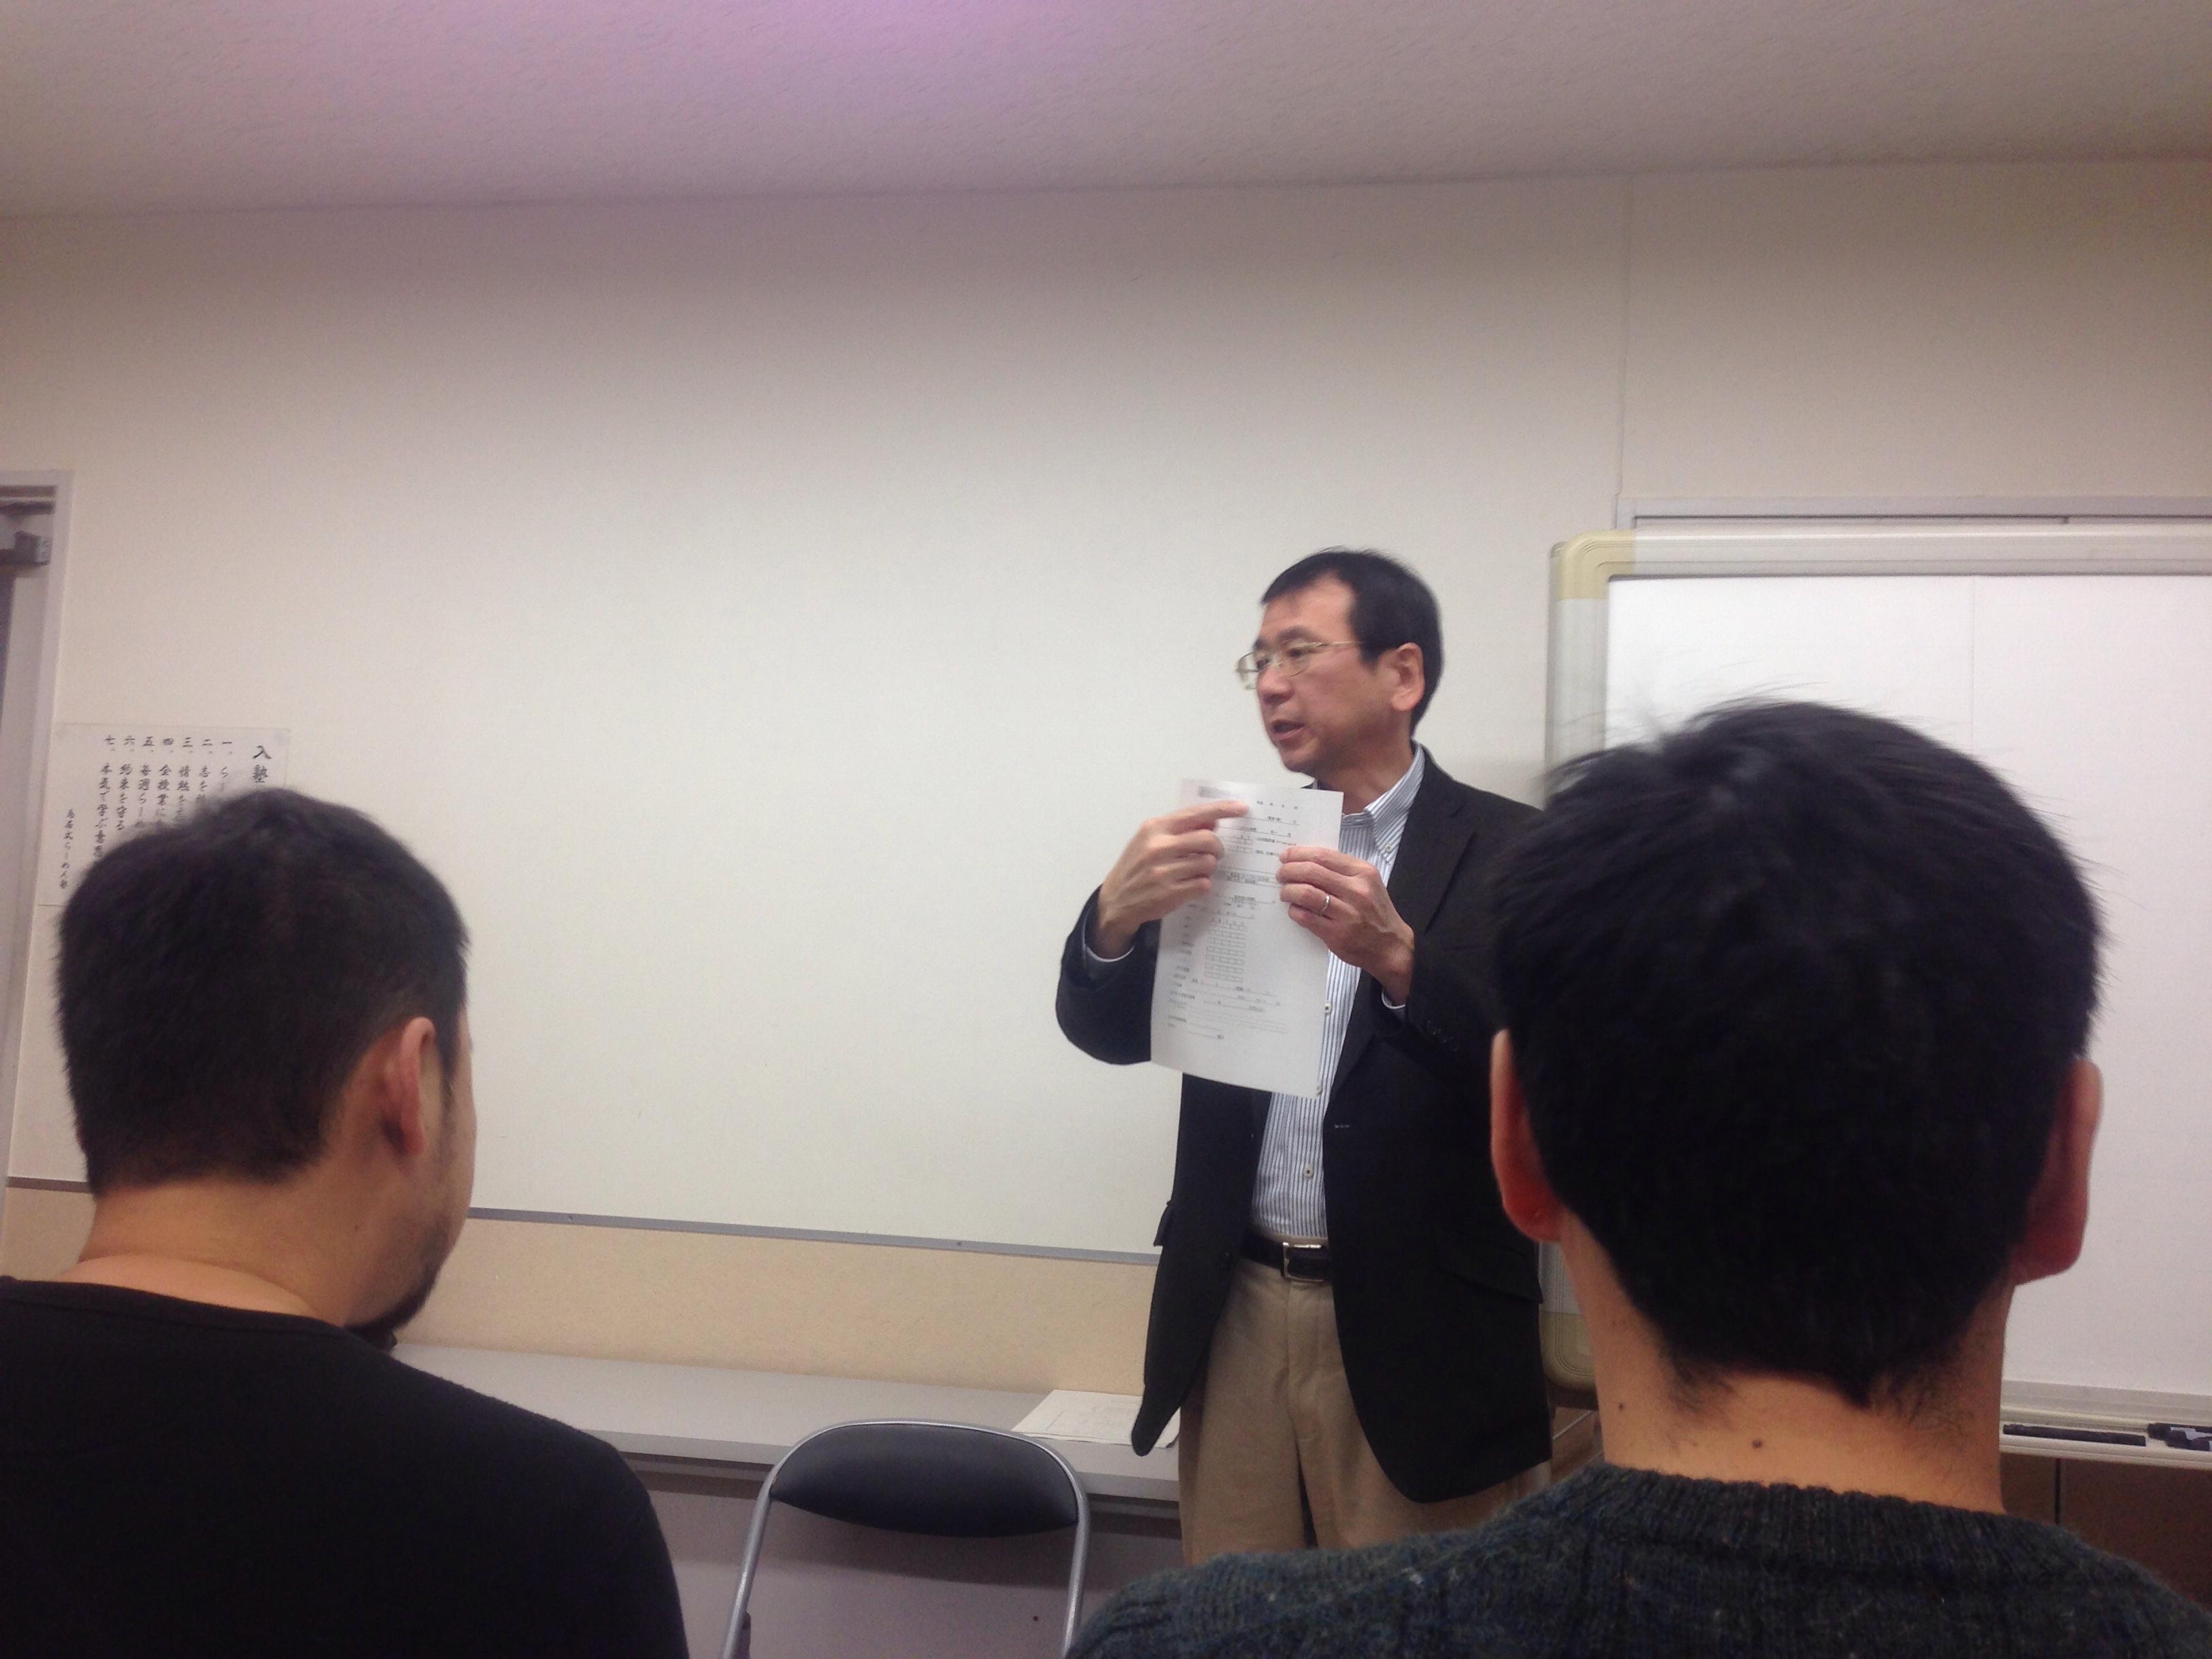 第22期鳥居式らーめん塾 福井則雄味創り担当講師による宿題オリエンテーション